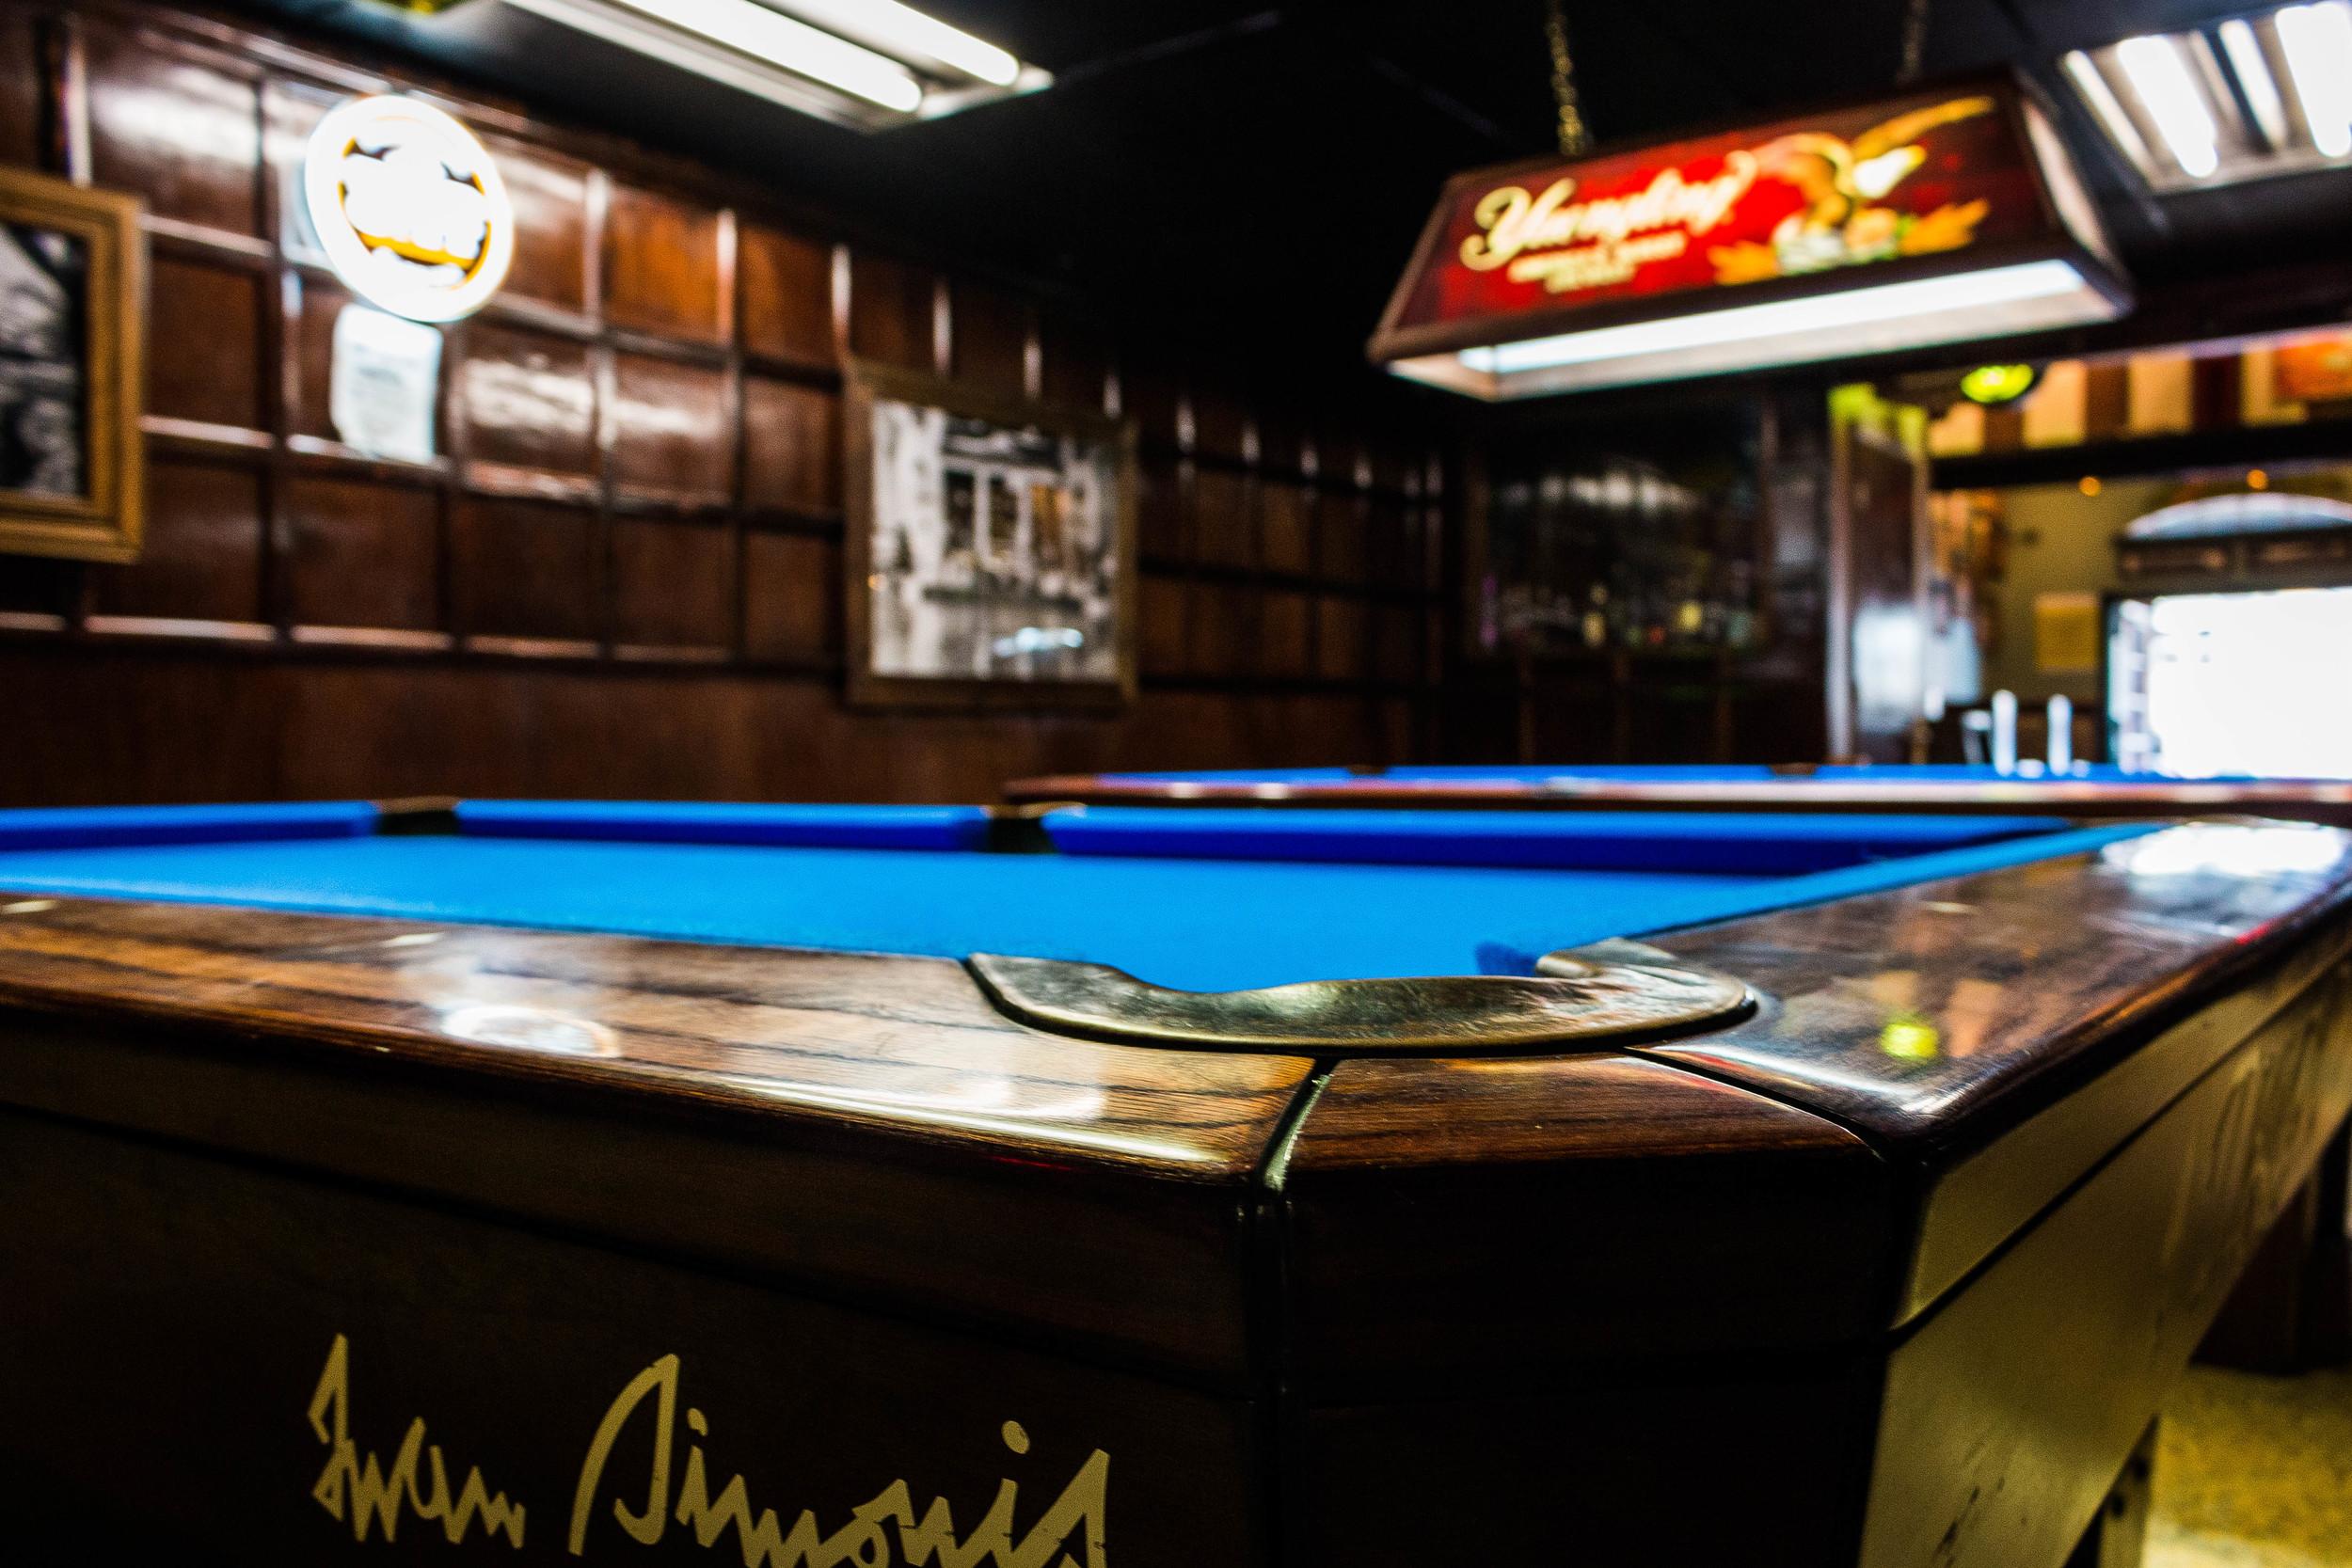 birdies pool table.jpg